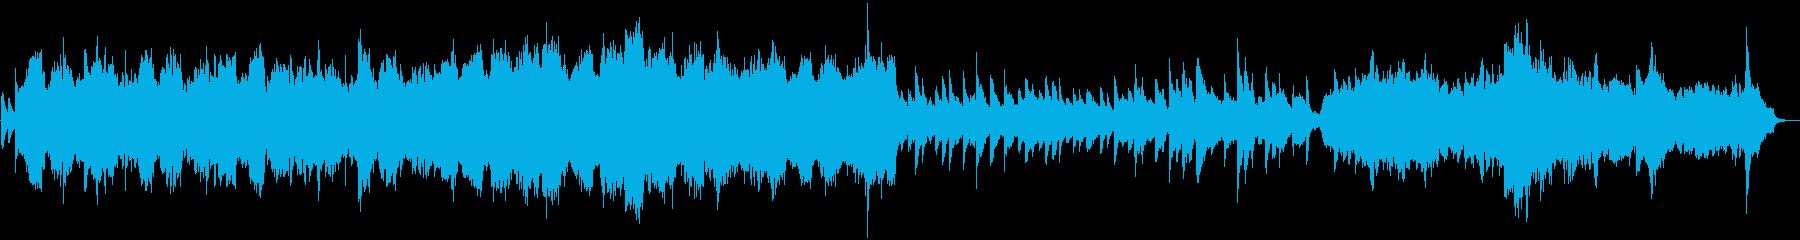 三国志のゲームで使えるバラード系BGMの再生済みの波形